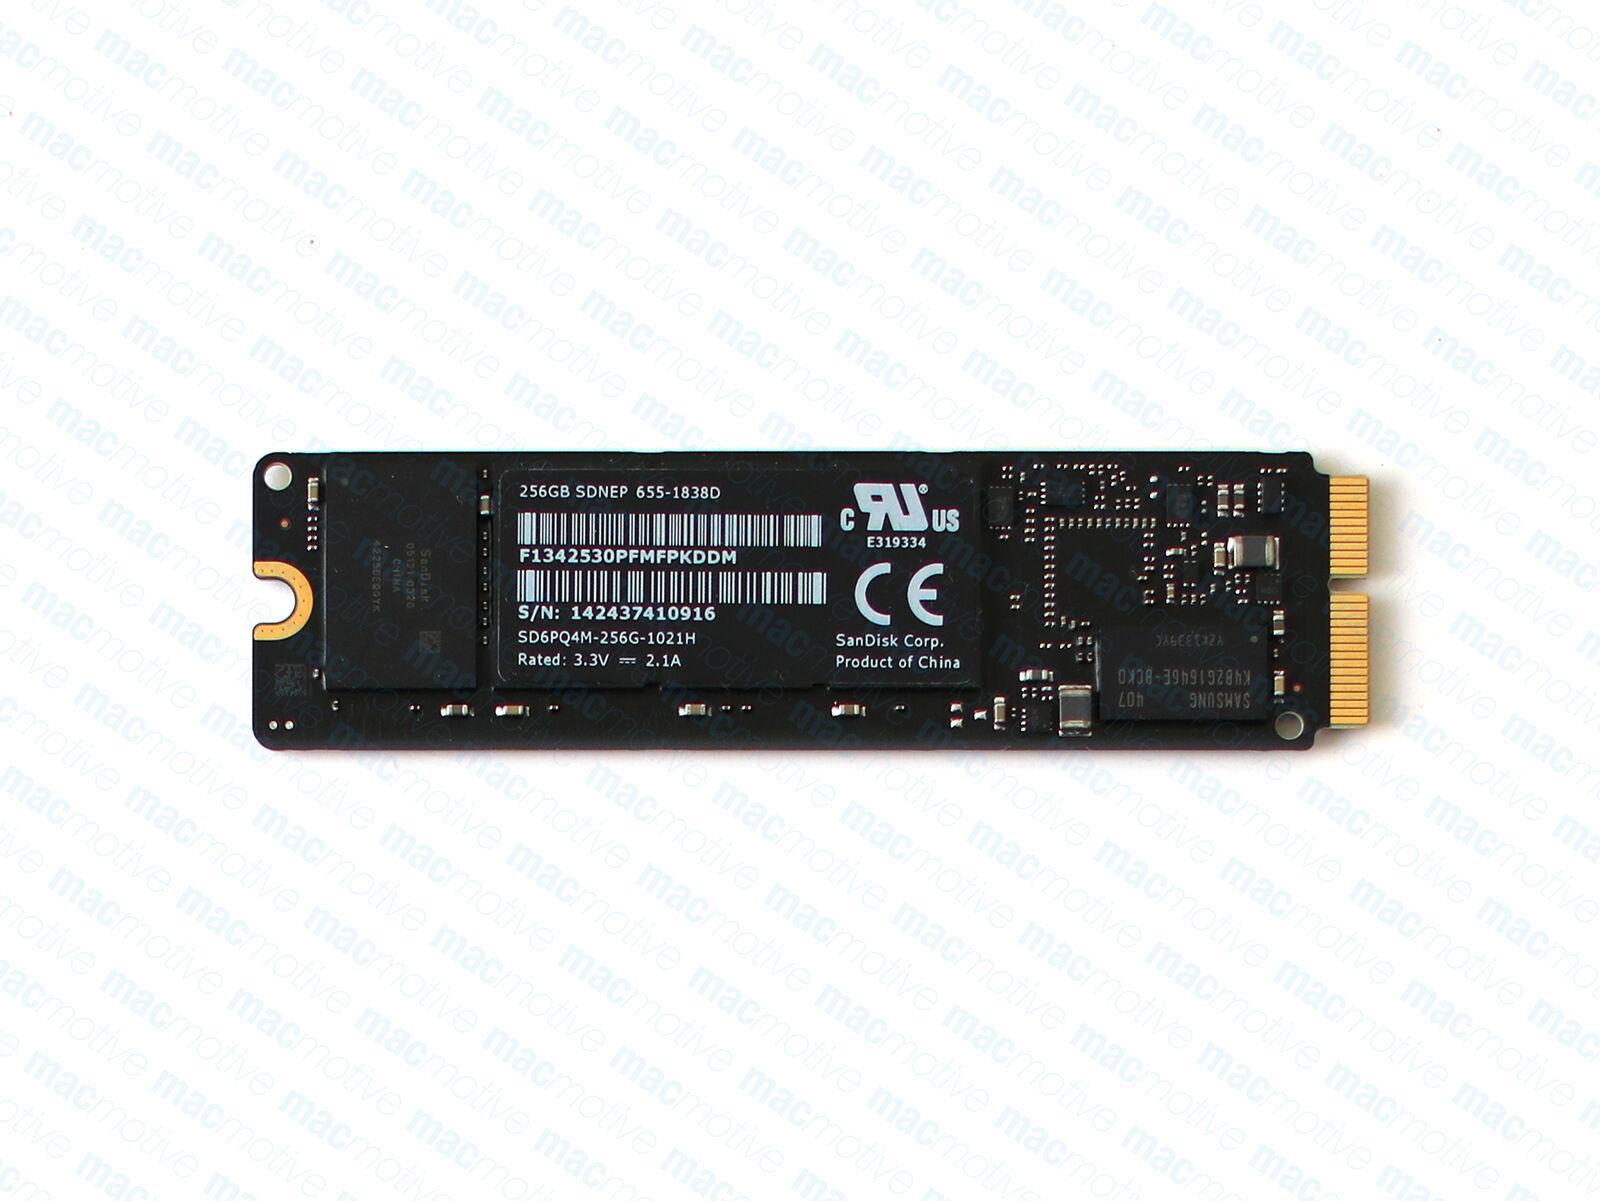 Apple 256GB Flash SSD SSUBX//SM951//JPV256 655-1858 Mac Pro//iMac//MacBook Pro//Air